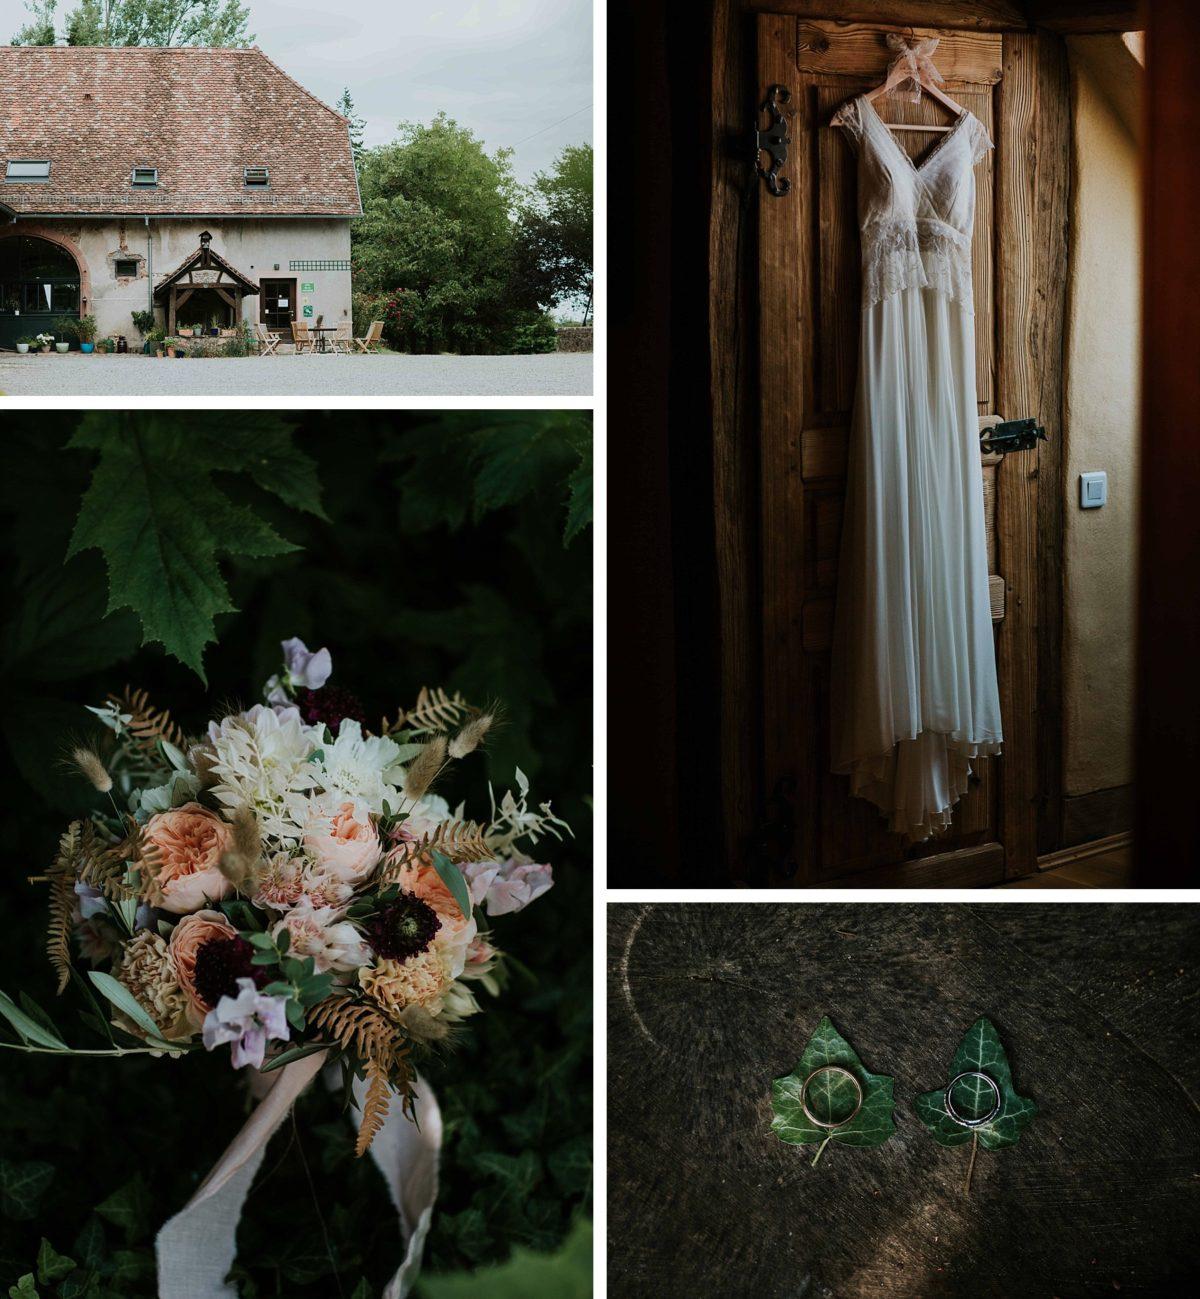 mariage bohème chic/folk au domaine de saint loup en Alsace